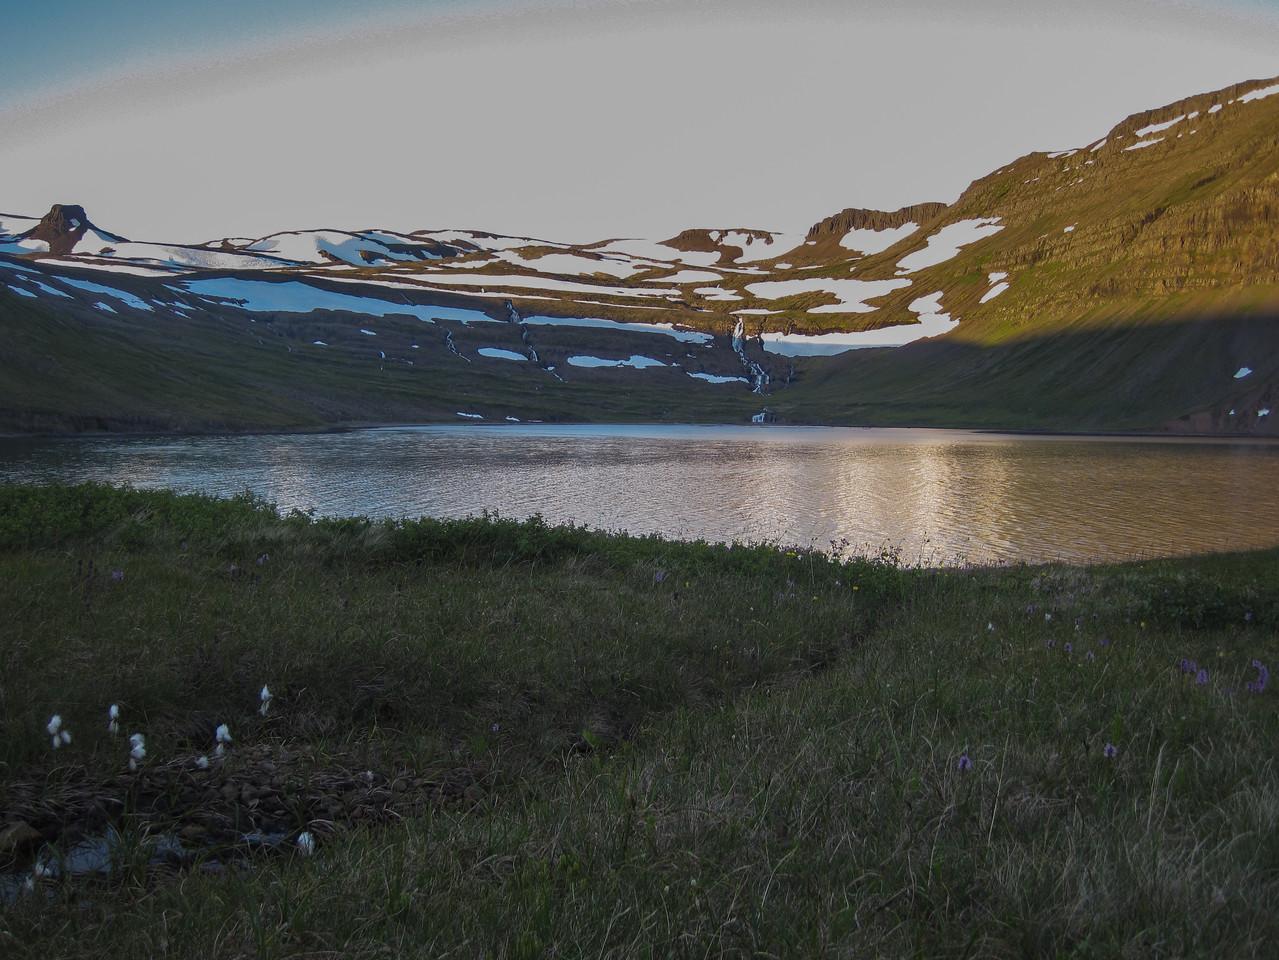 Horfdt til Miðkjósar. Hægra megin við fjallið Snók, sem er vinstra megin í myndinni, liggur Snókaheiði til Hrollaugsvíkur og Smiðjuvíkur